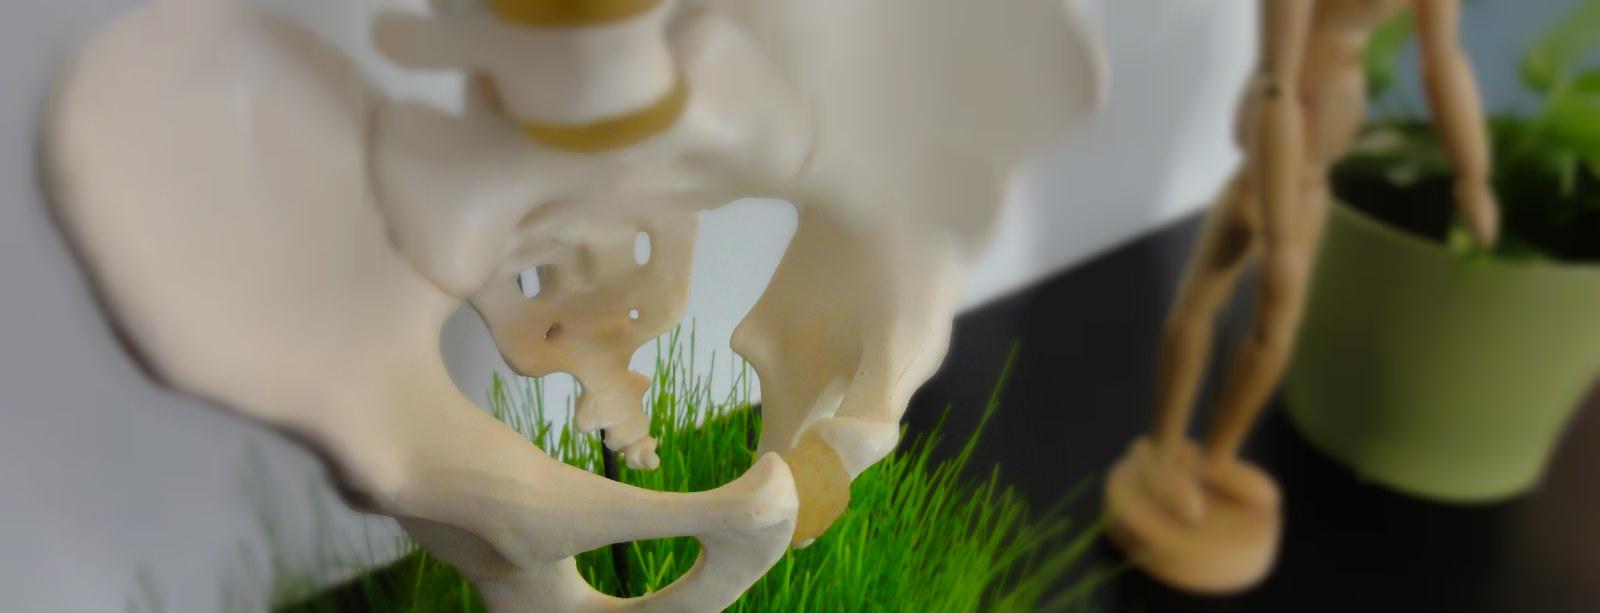 Colonne vertébrale et bassin dans le cabinet d'ostéopathie de Cébazat proche de gerzat, clermont-ferrand, blanzat et Riom - consultation Ostéopathe Basile Naegelen